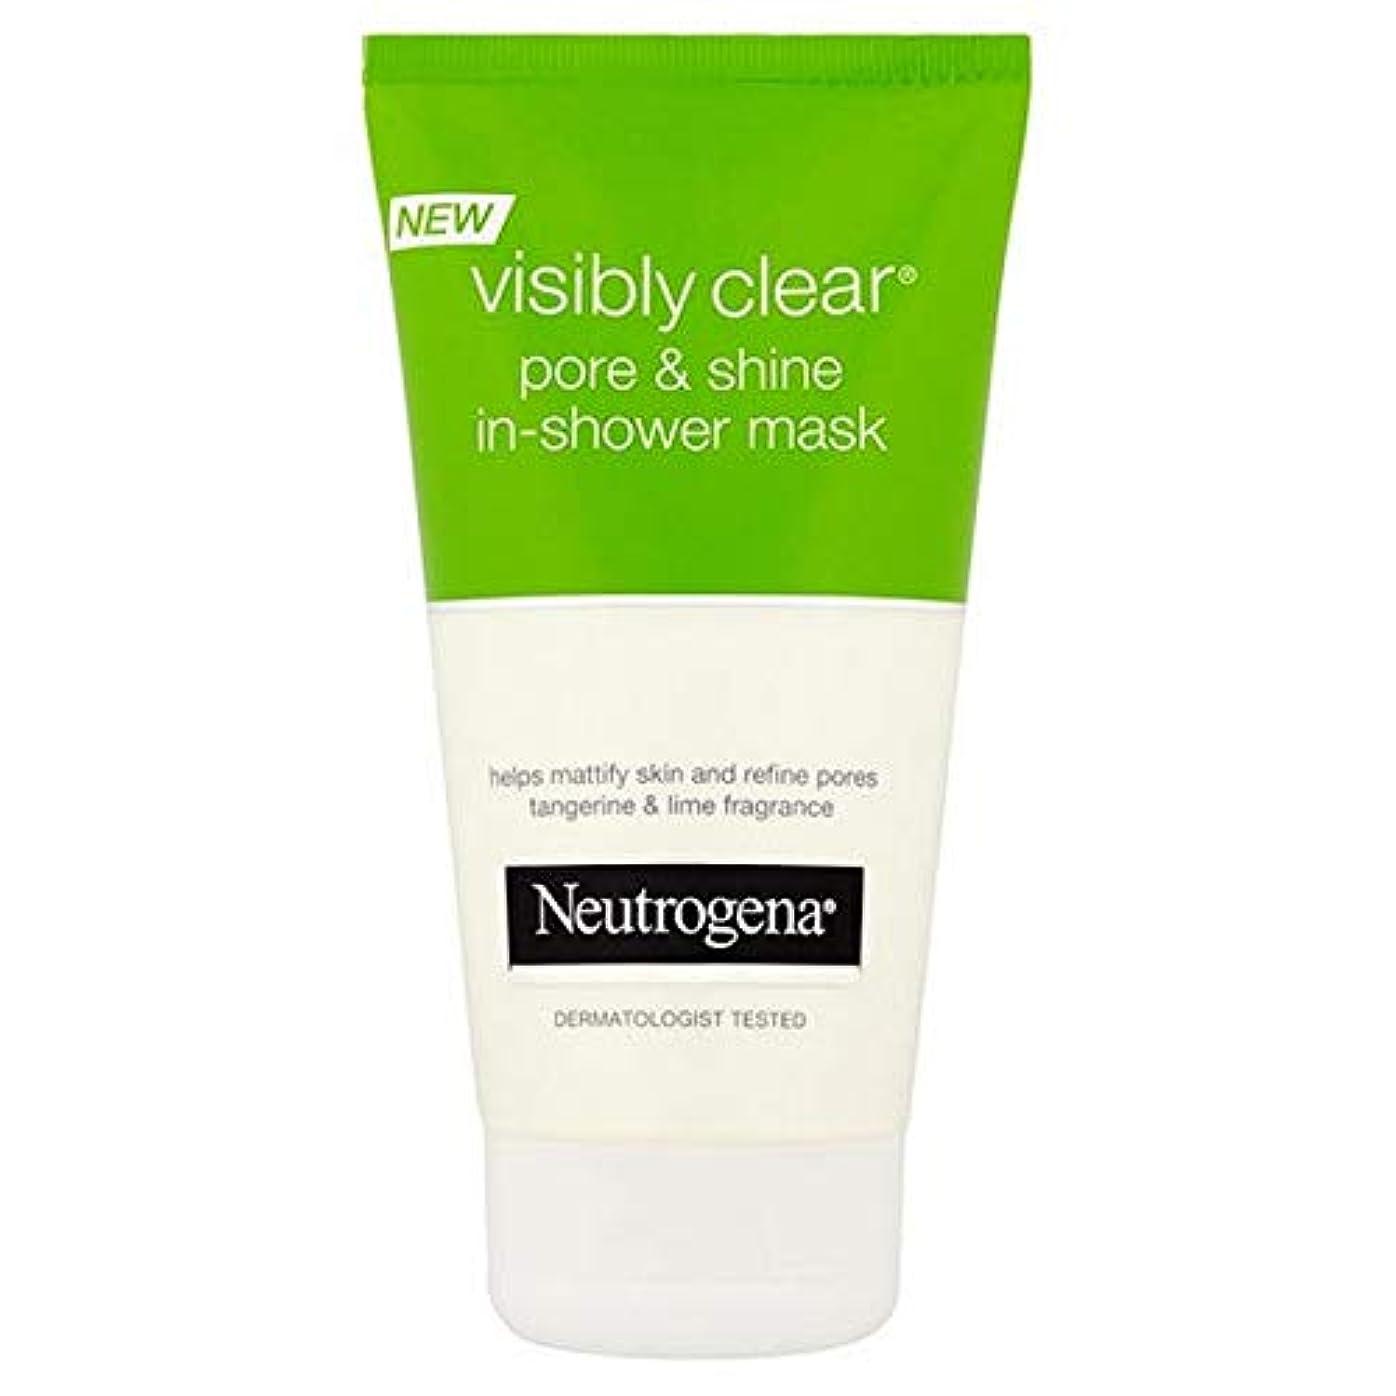 アルプスかび臭いスポンジ[Neutrogena] シャワーマスク150ミリリットルでニュートロジーナ目に見えて明らかポア&輝き - Neutrogena Visibly Clear Pore & Shine In Shower Mask 150ml...